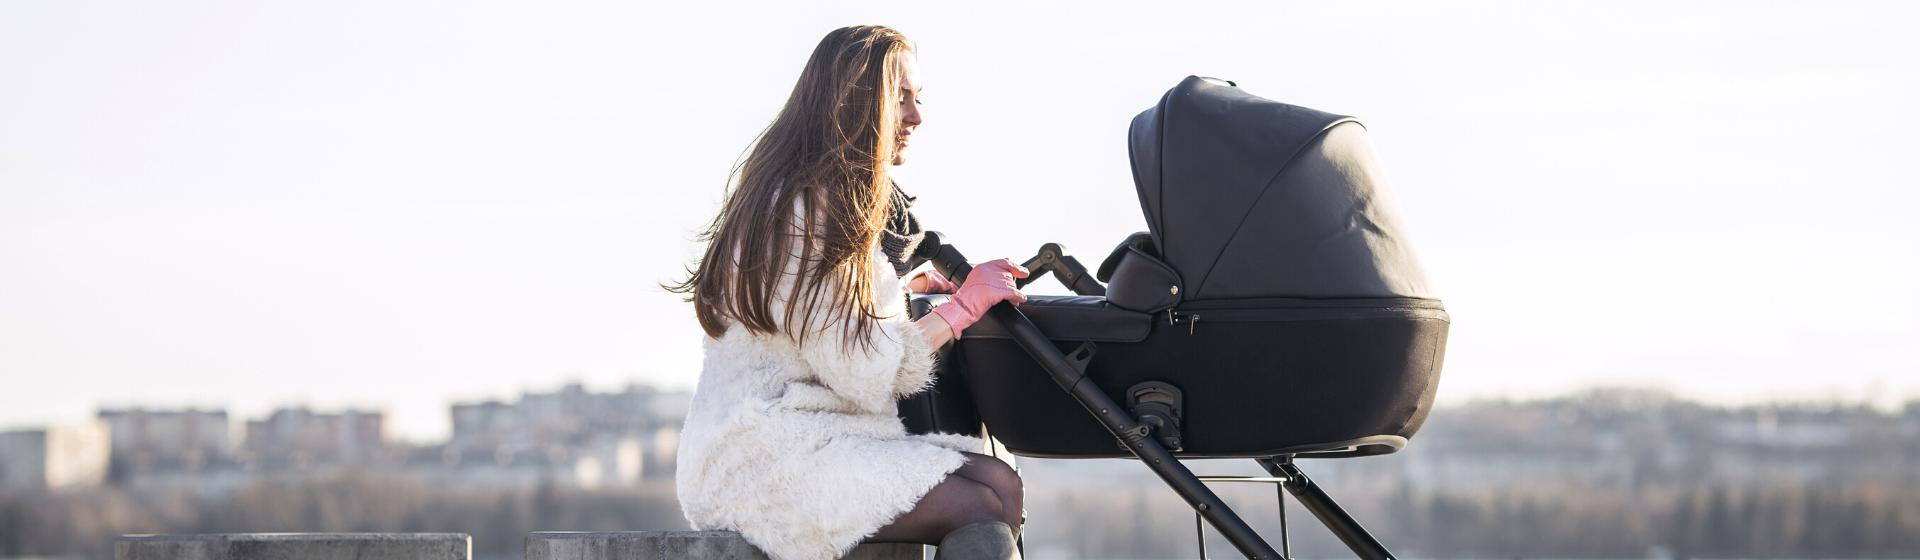 Como escolher o carrinho ideal para o bebê?